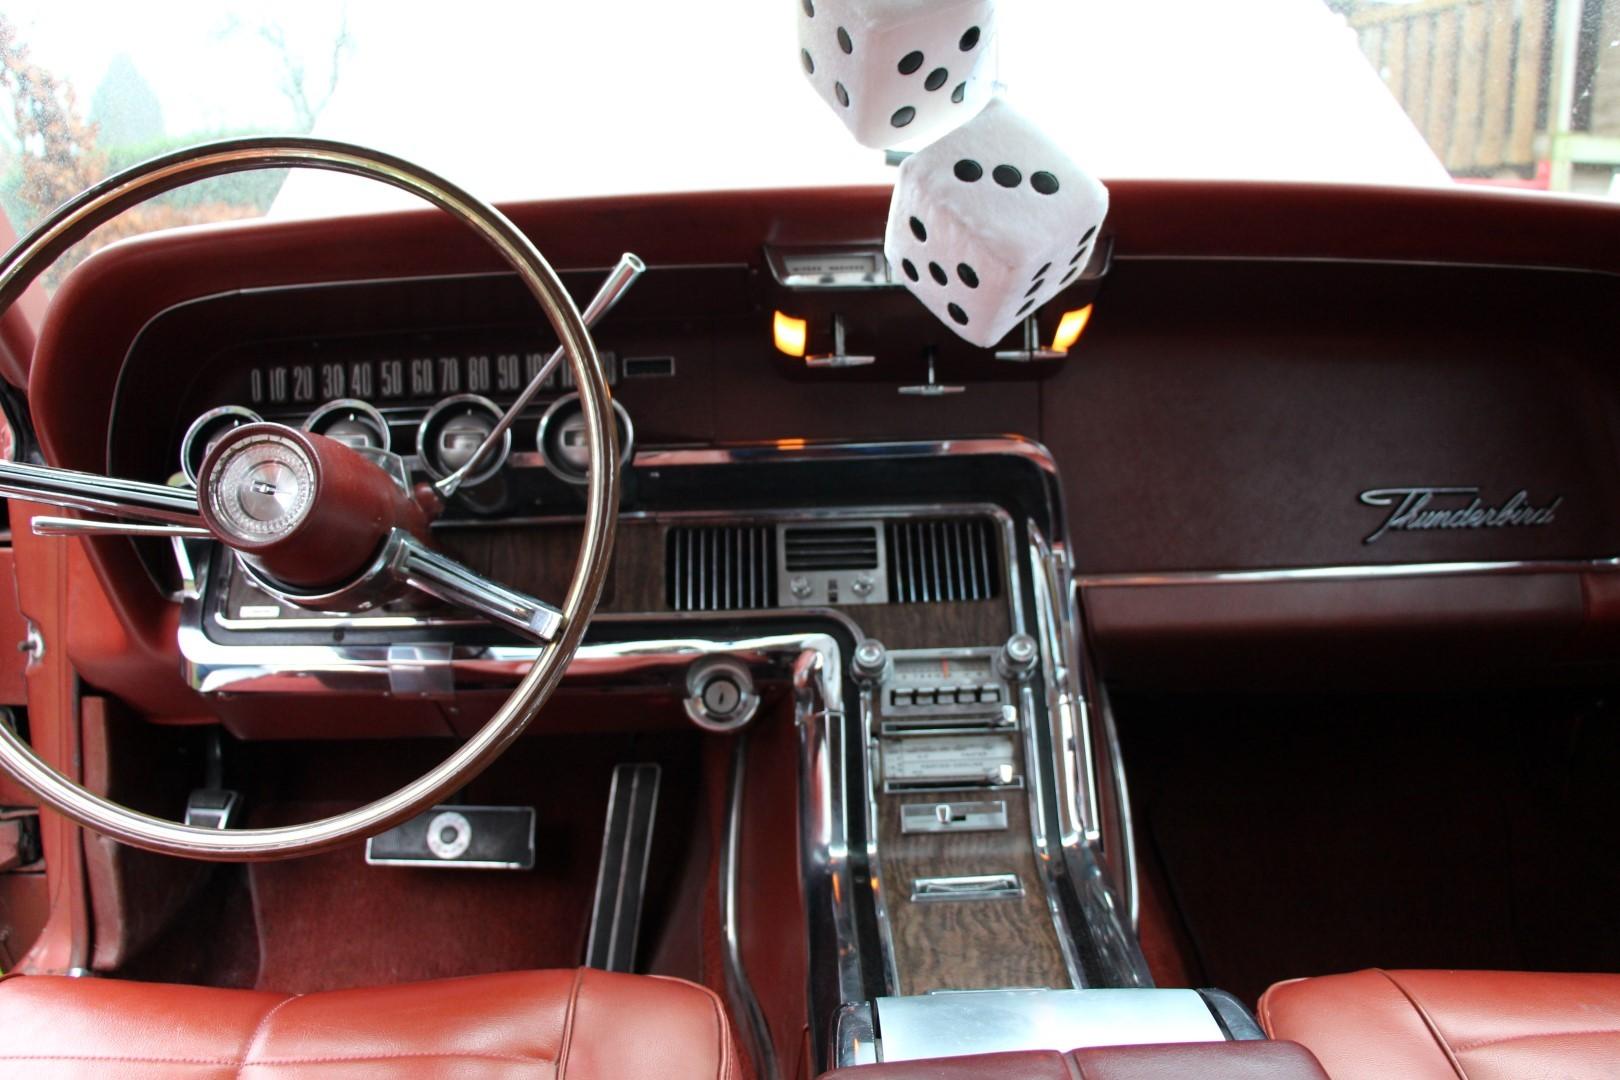 1966 Ford Thunderbird Town Landau 428 - emberglow (12)